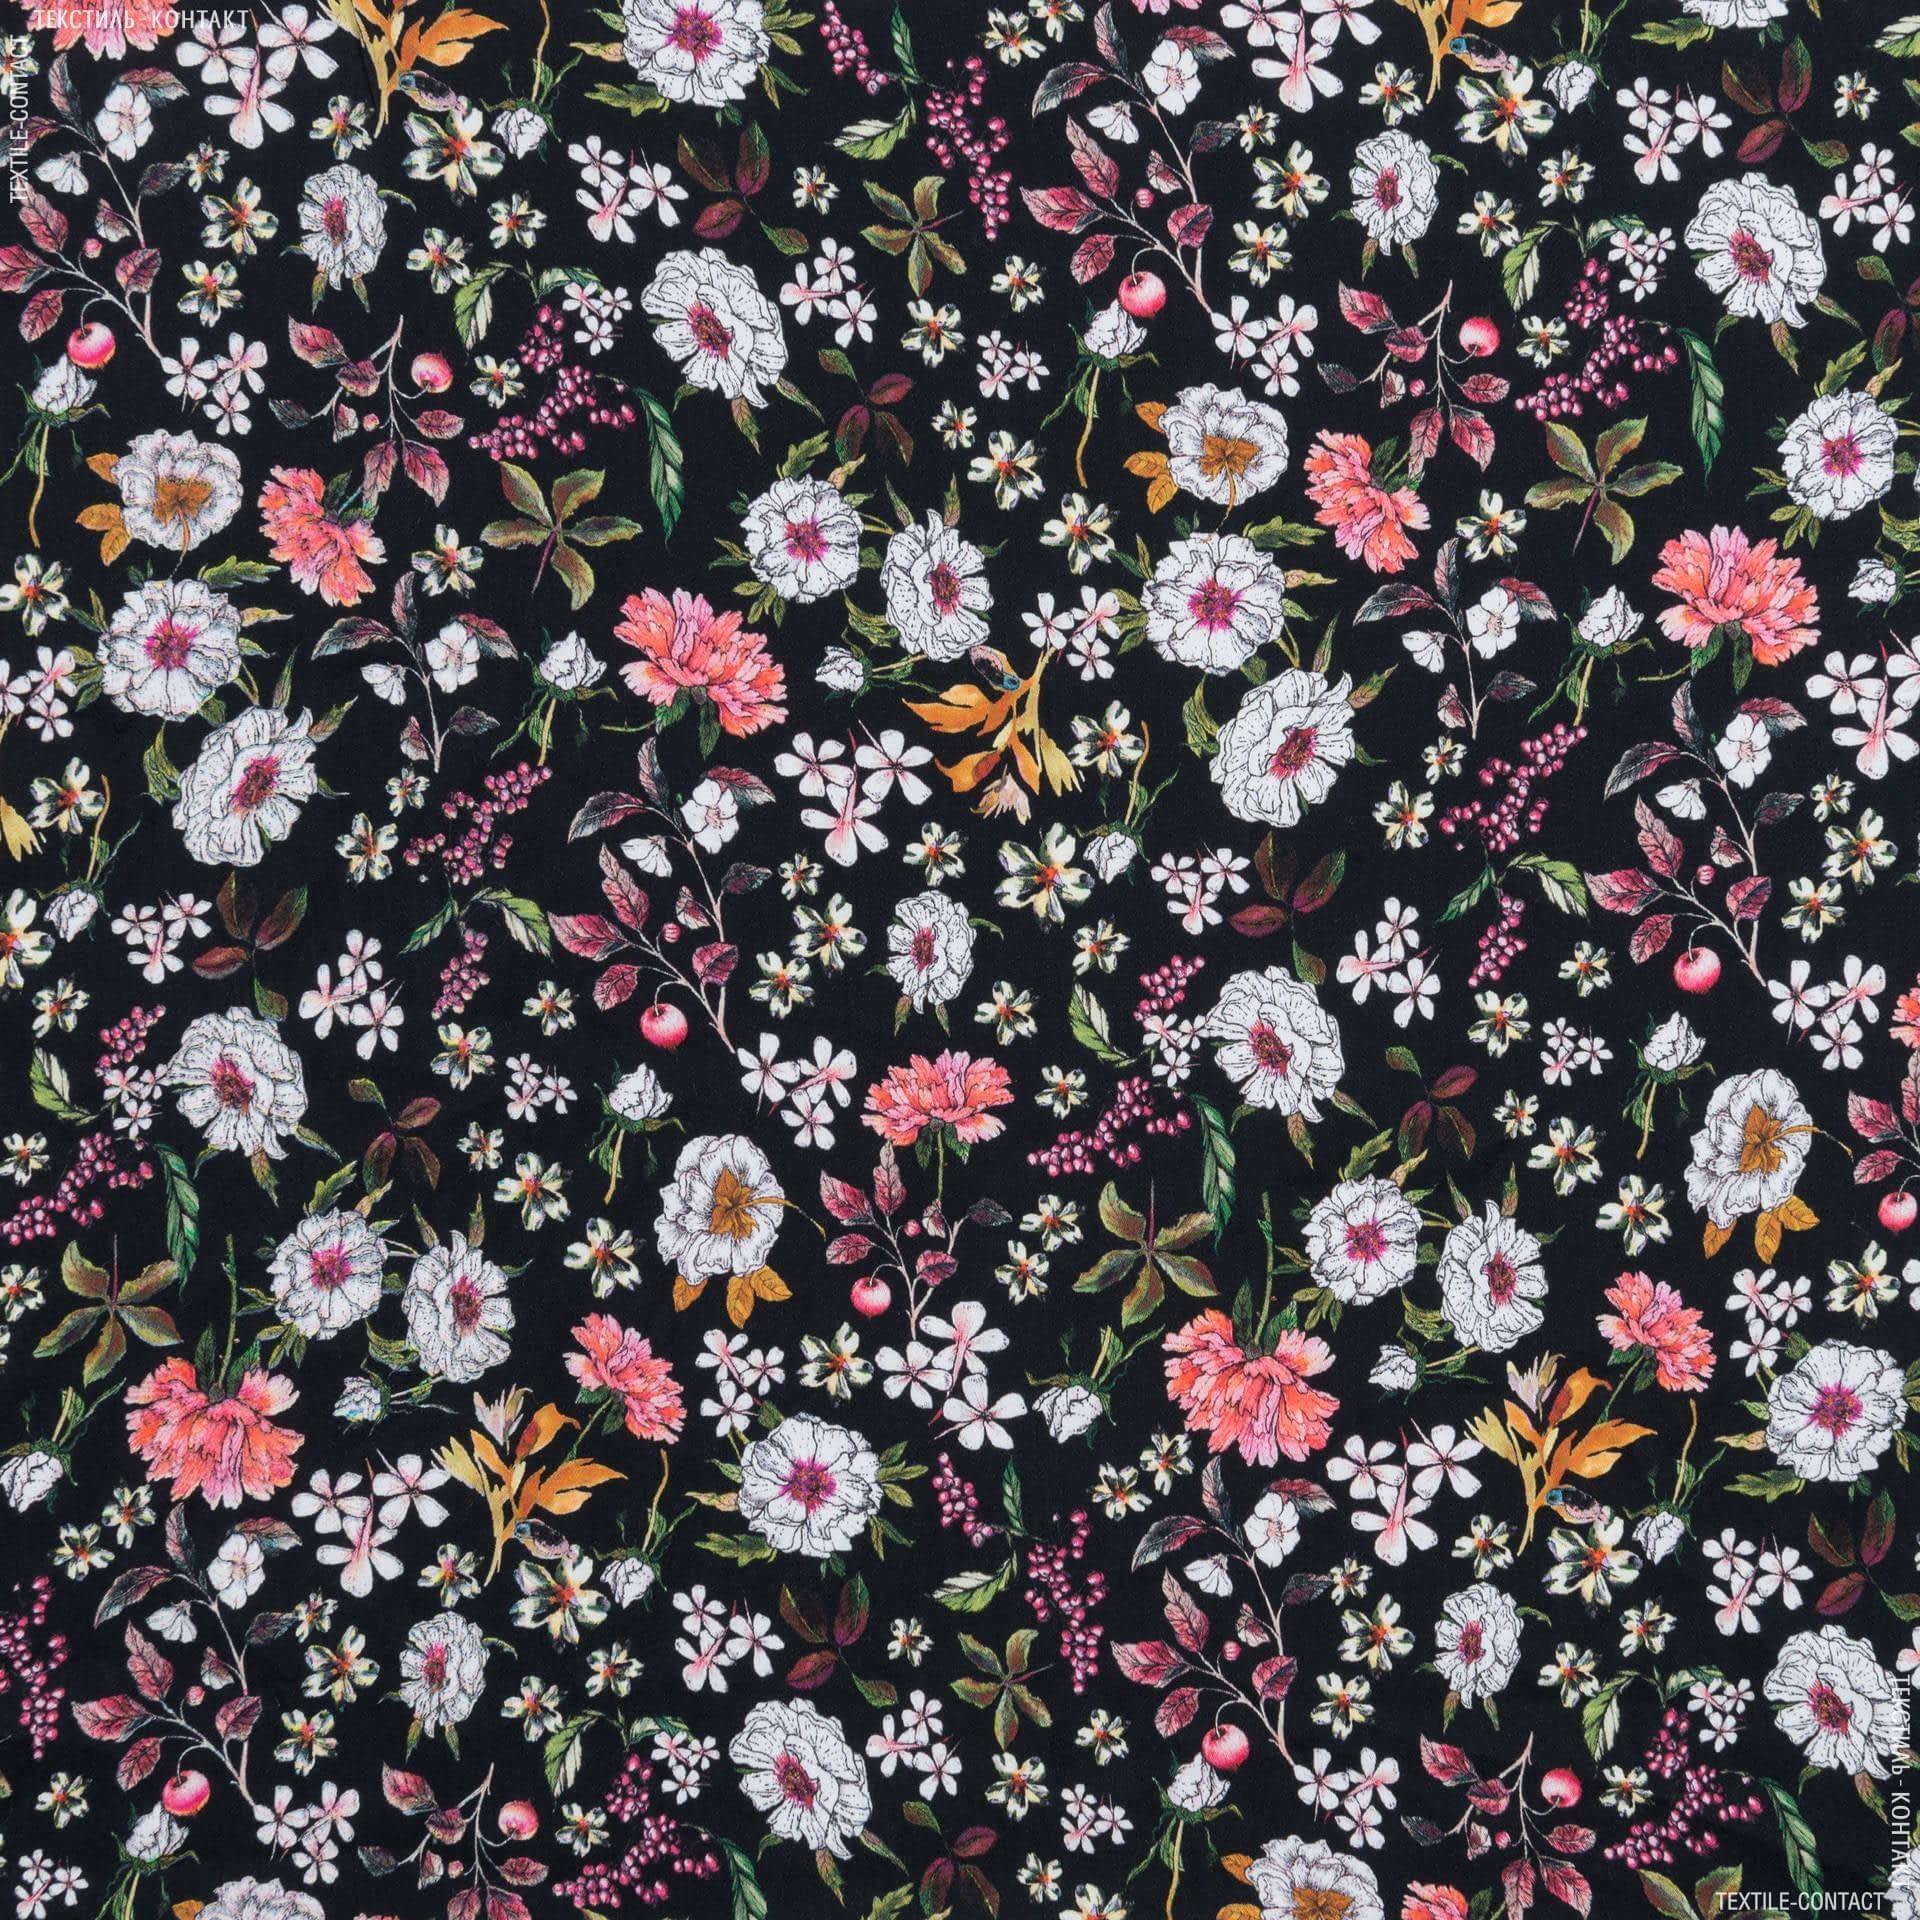 Ткани для платков и бандан - Плательно-блузочный сатин принт